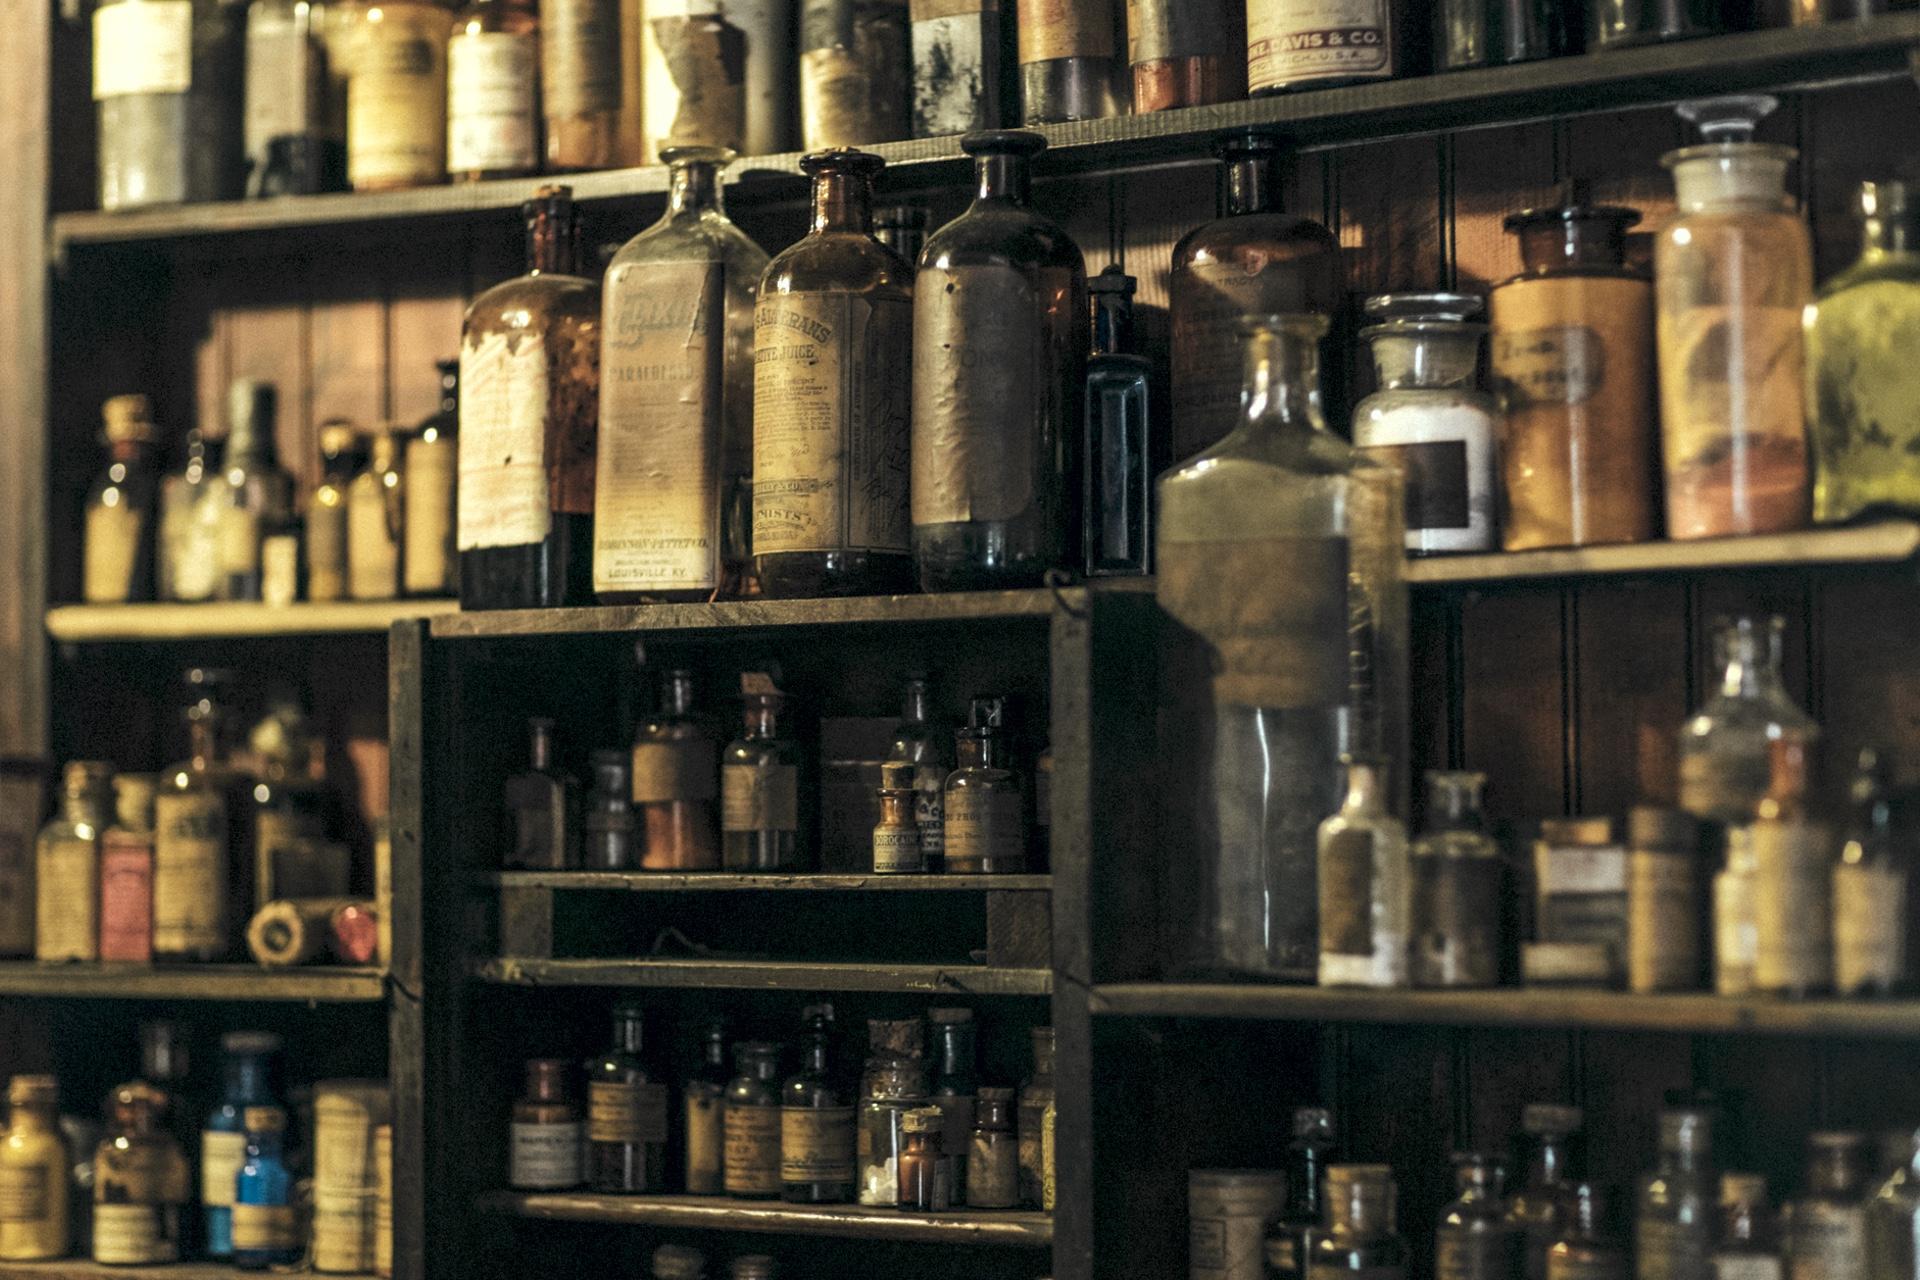 New Orleans Pharmacy